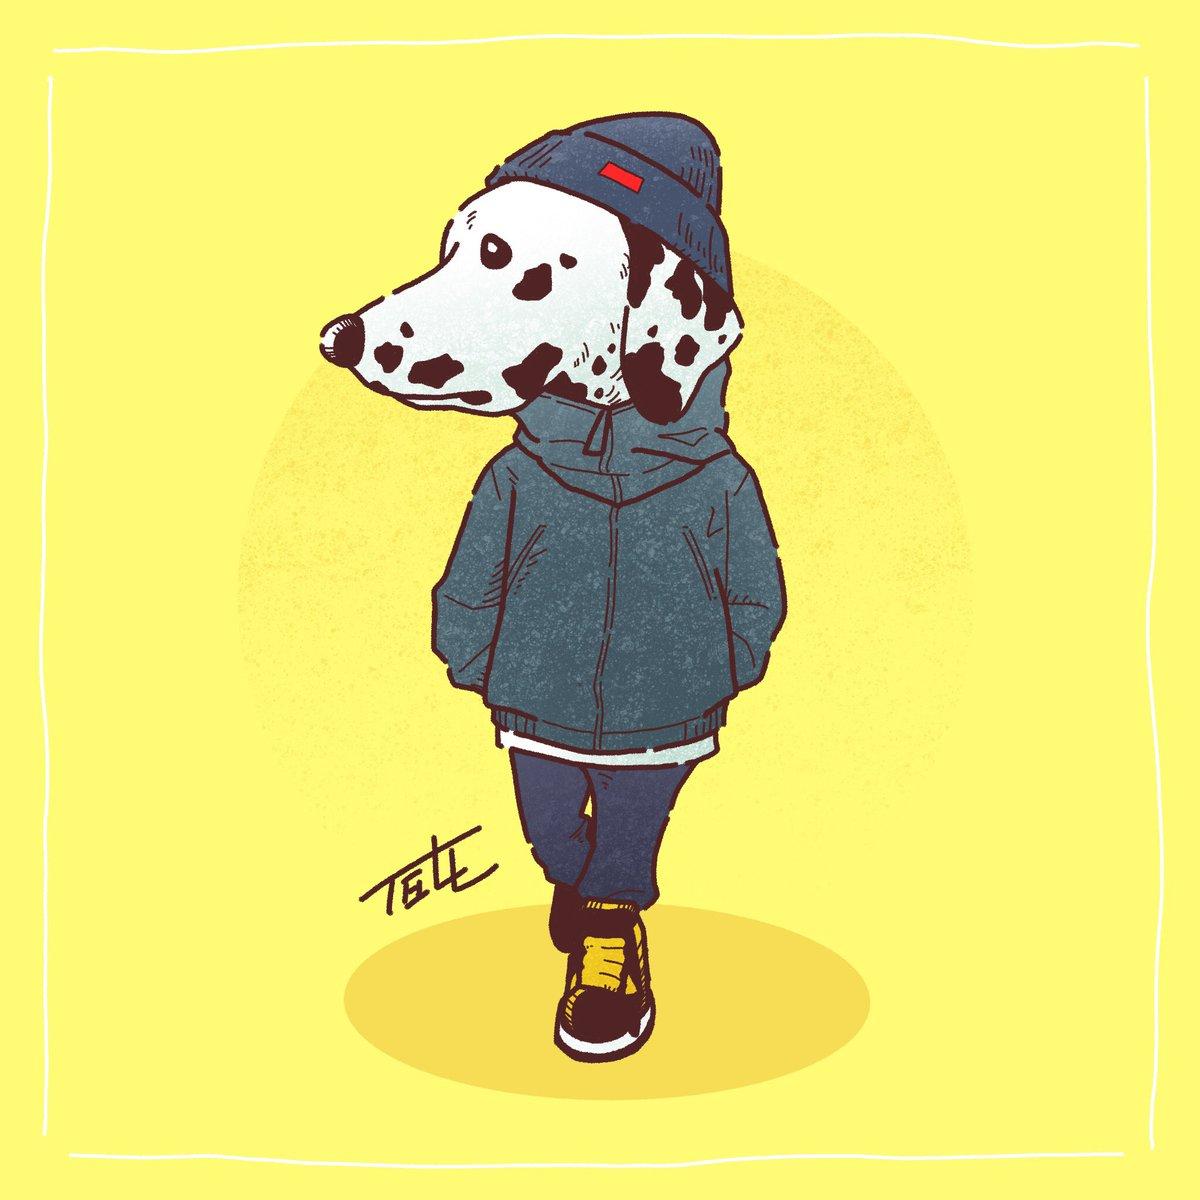 「おしゃれダルメシアン」 スタイリッシュなフォルムと筋肉美からスポーティにしてみた♪(17/100)   #100日間100枚イラストチャレンジ #illustration #artwork #digitalart #procreate #dog #イラスト #イラスト好きさんと繋がりたい #犬  #ダルメシアン #dalmatian